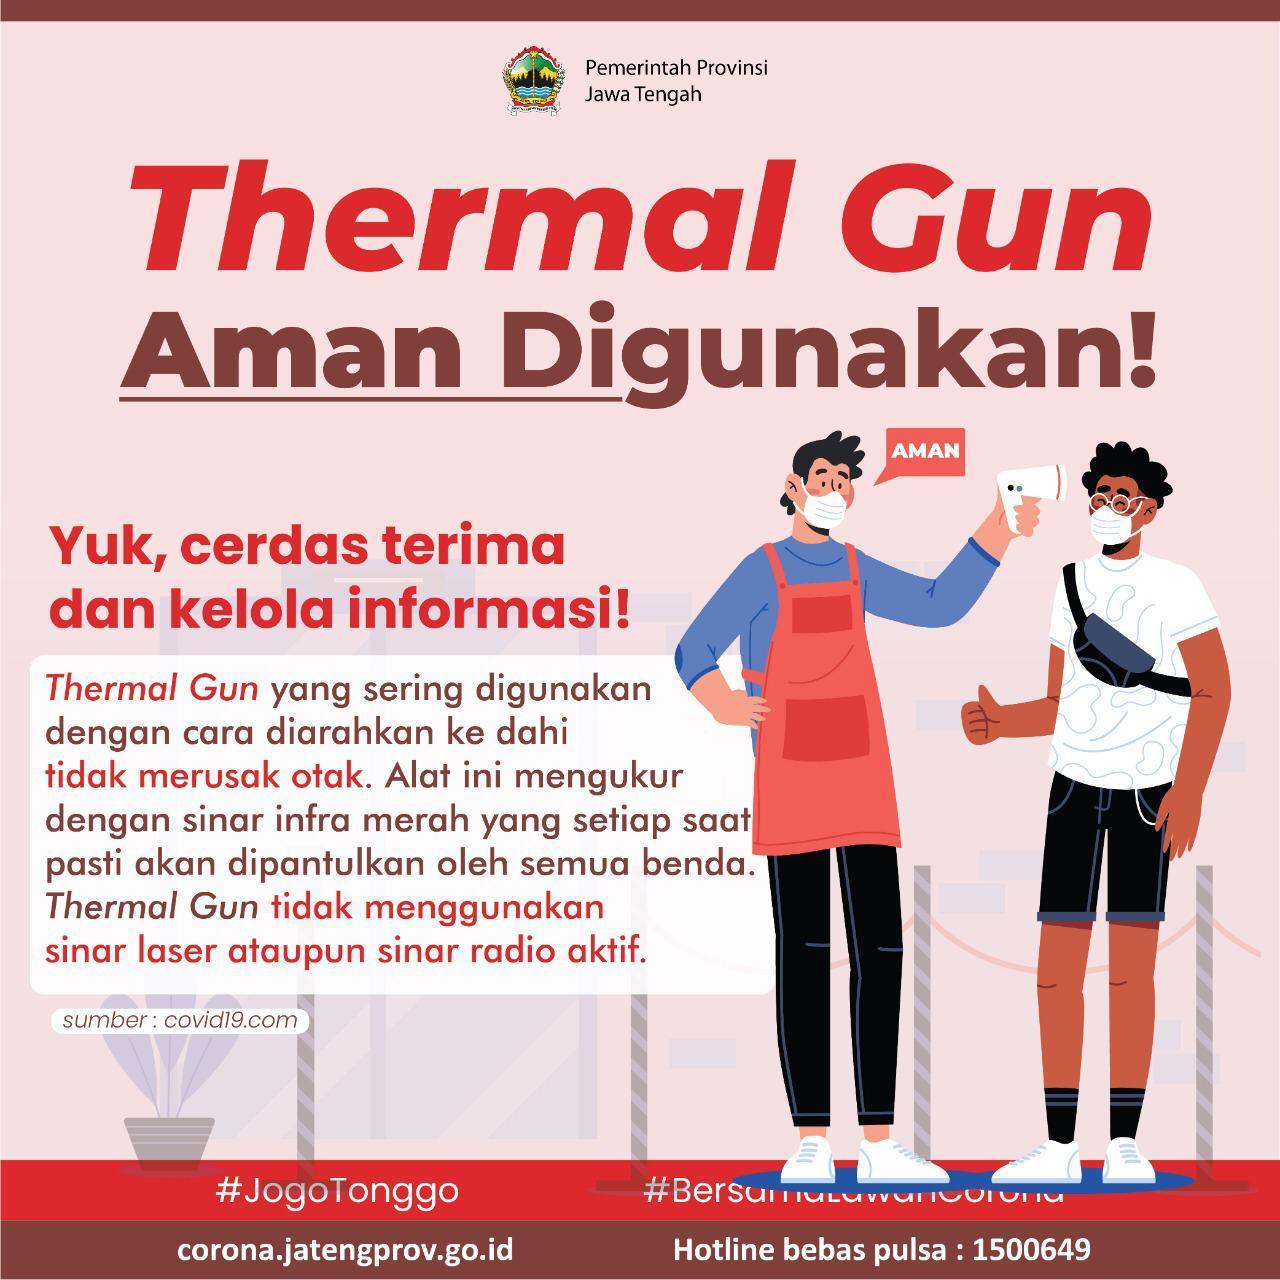 Thermal Gun Aman Digunakan